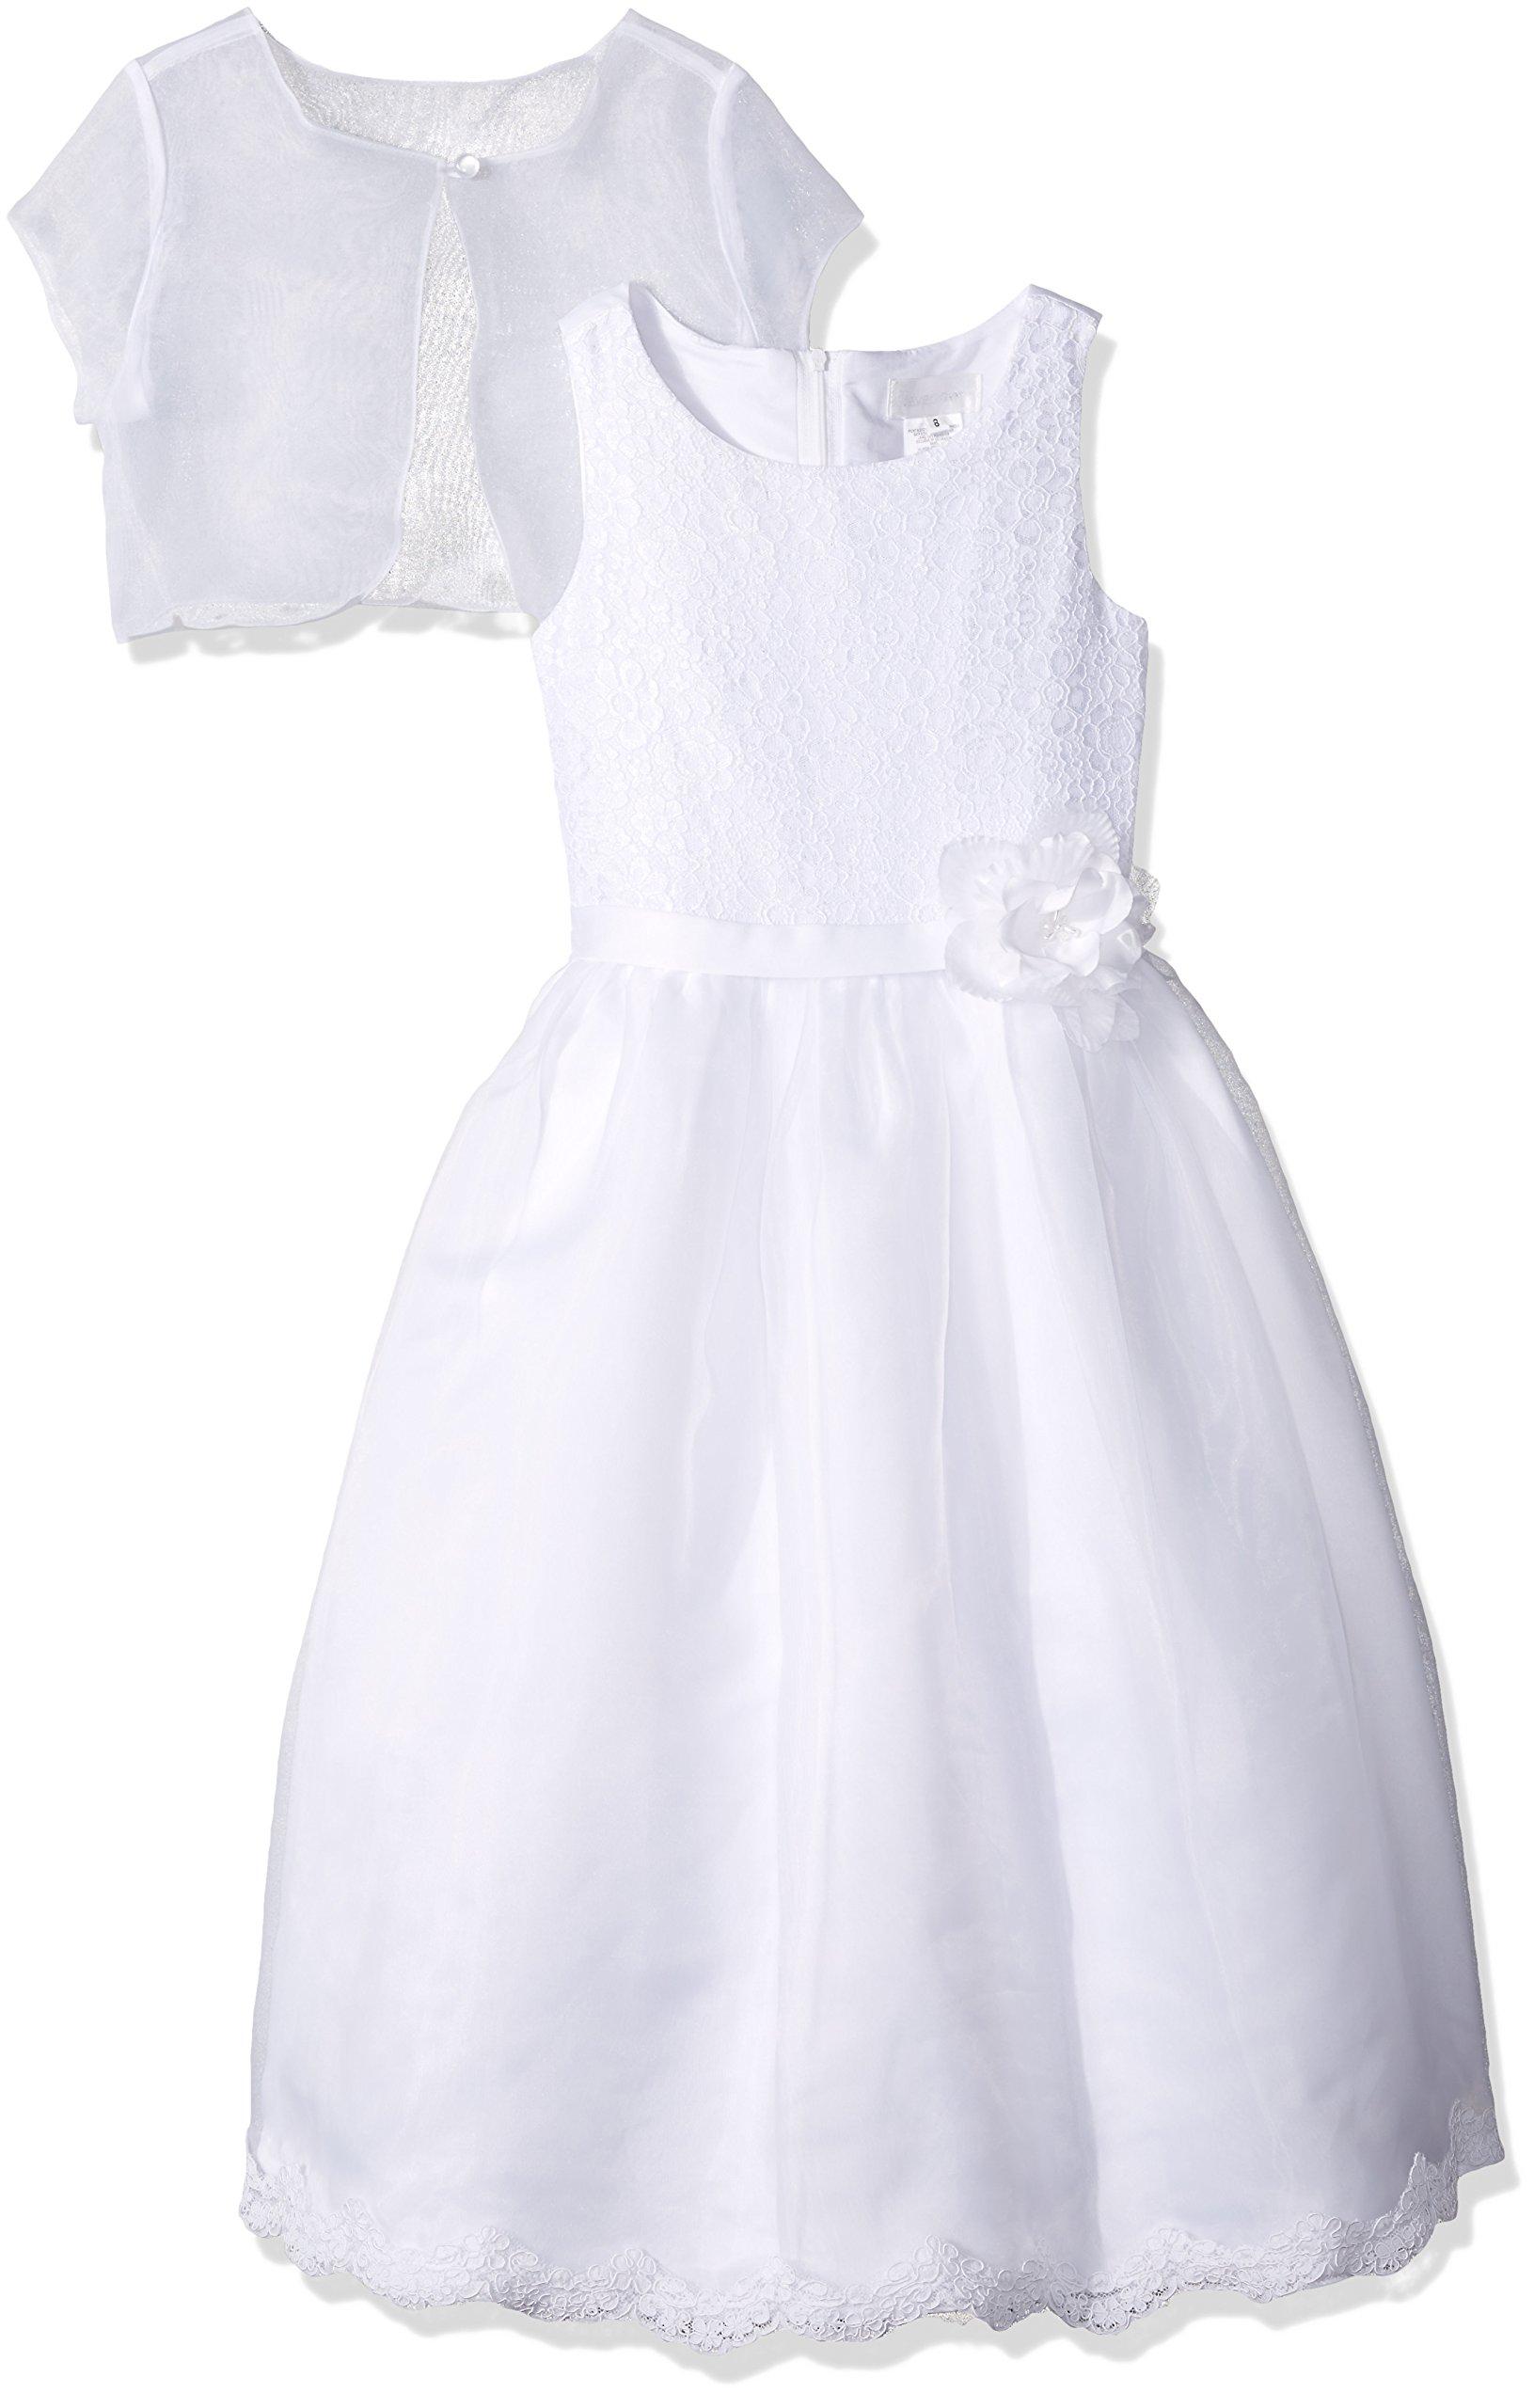 Lavender Big Girls' 2pc Dress Lace Front Bodice and Organza Bolero, White, 10